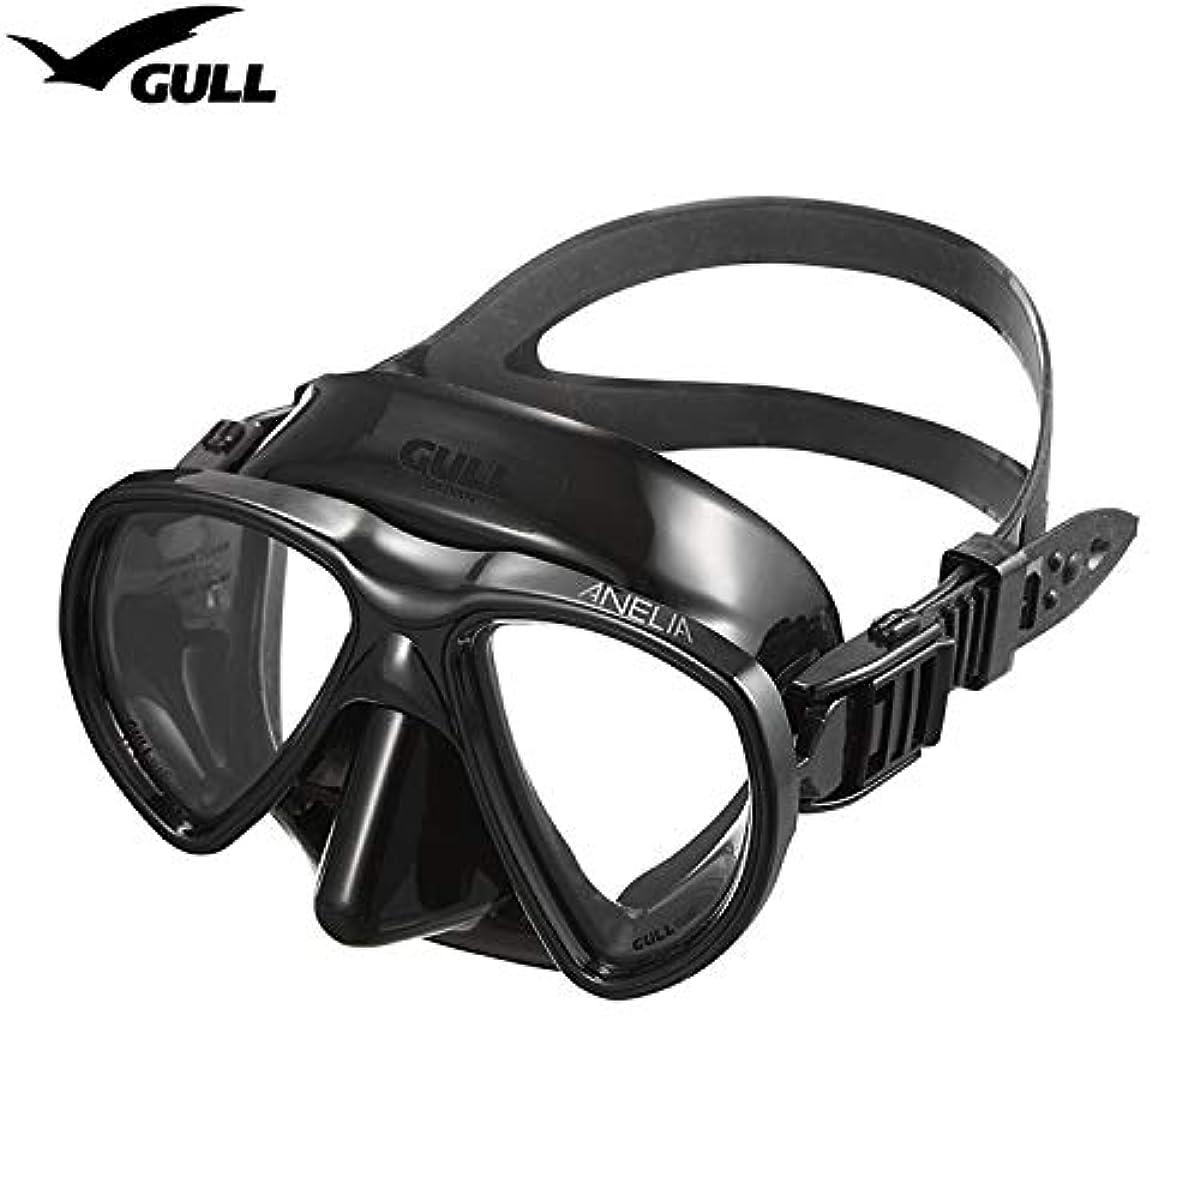 [해외] GULL ANELIA 프리다이빙 마스크 GM-1049